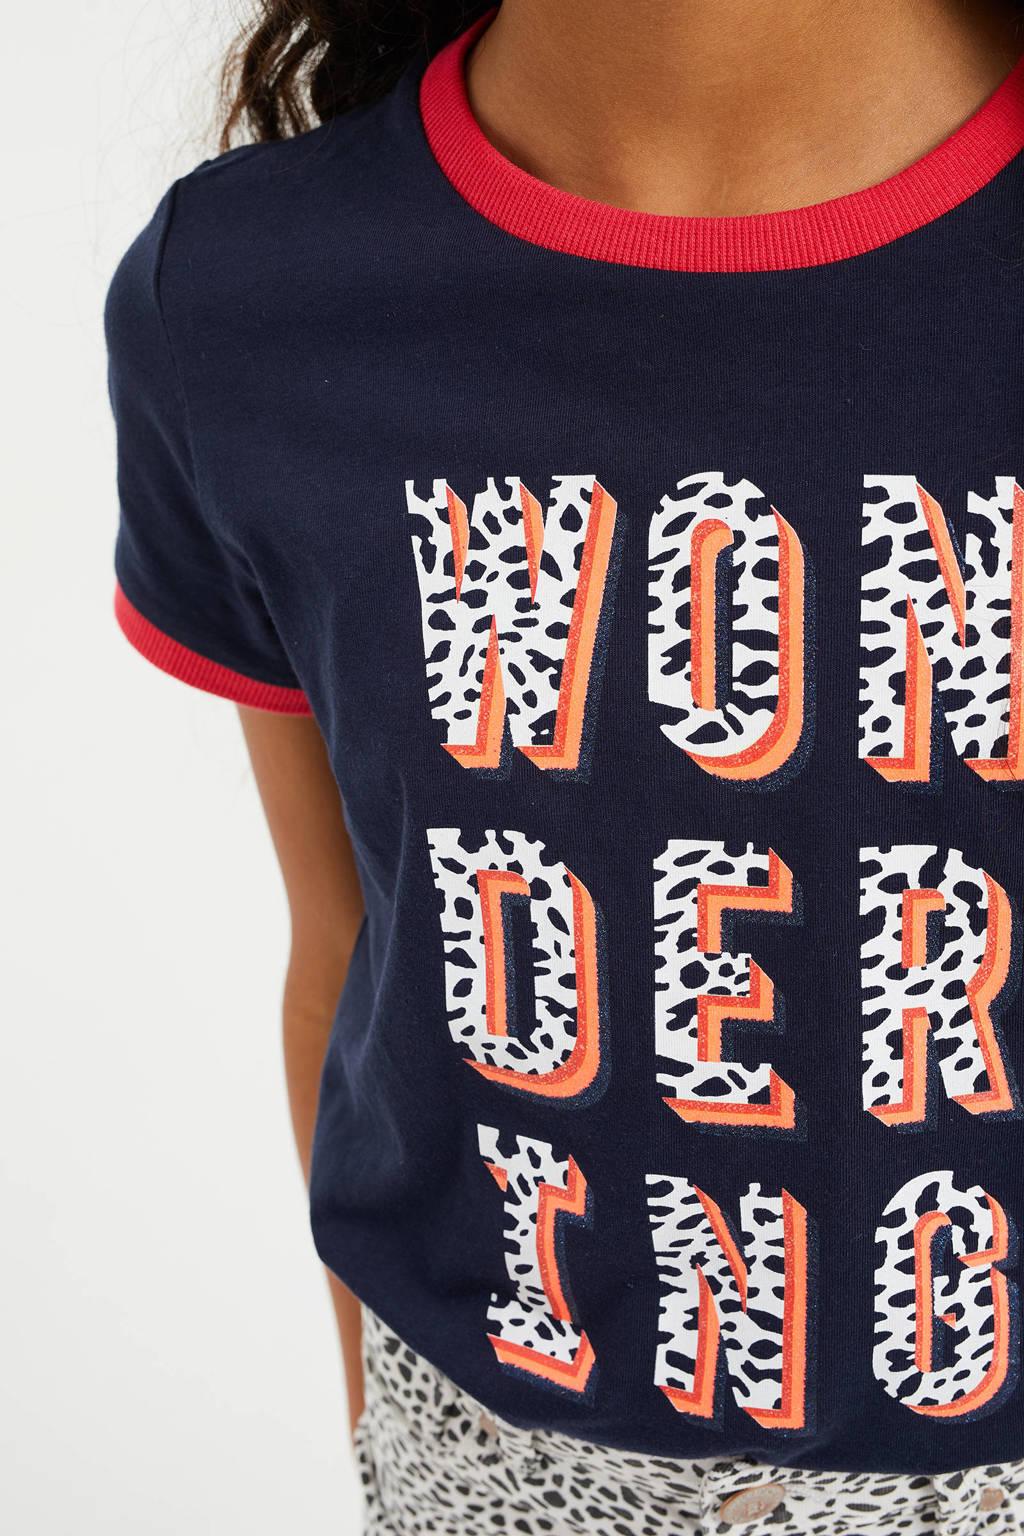 WE Fashion T-shirt met tekst en glitters donkerblauw/wit/zalmroze, Donkerblauw/wit/zalmroze